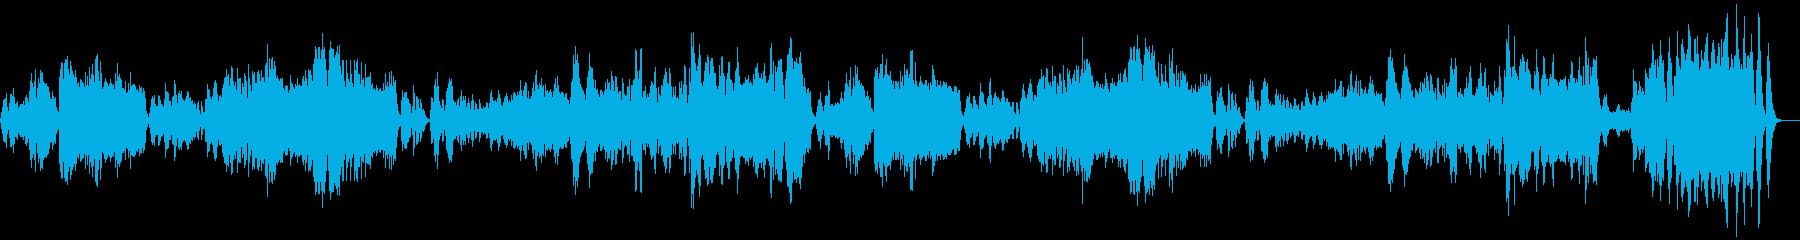 モーツアルトのアイネクライネを短調での再生済みの波形